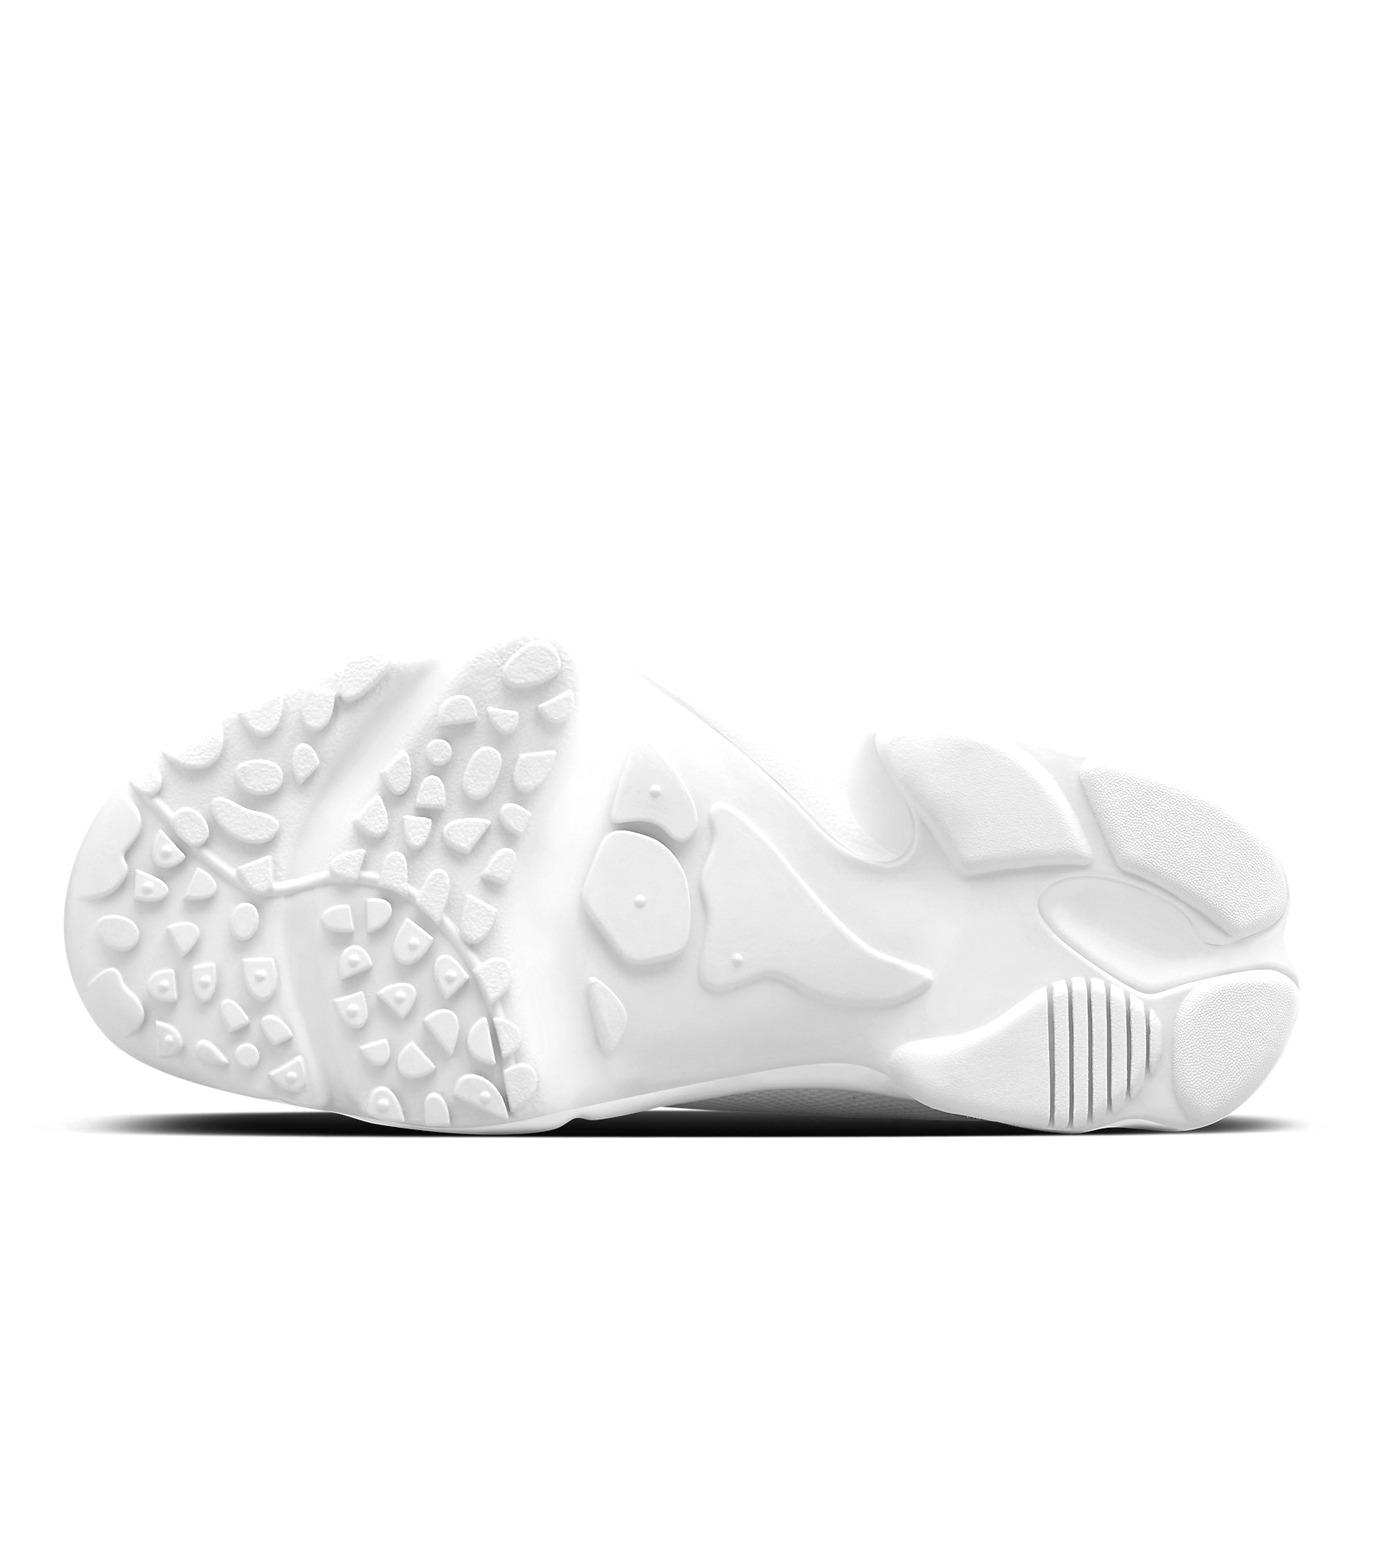 NIKE(ナイキ)のWMNS RIFT WRAP-WHITE(シューズ/shoes)-853541-100-4 拡大詳細画像2